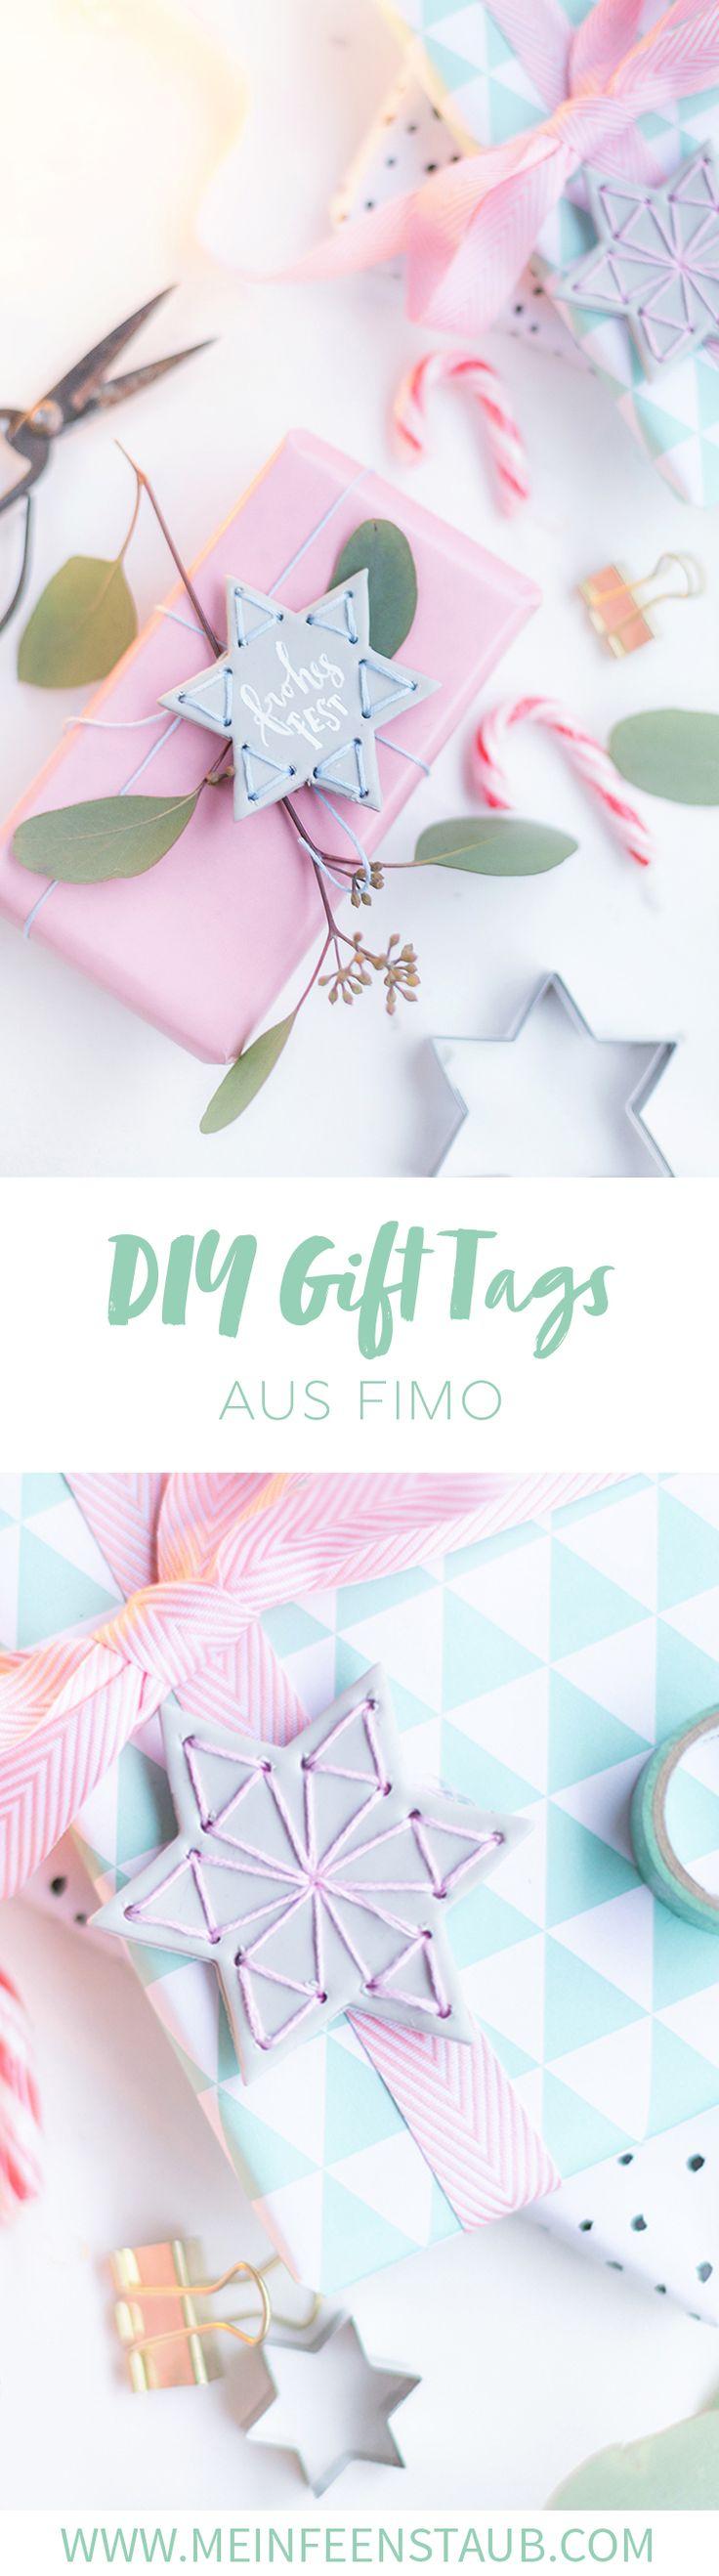 DIY Bestickte Sterne aus FIMO mit Lettering